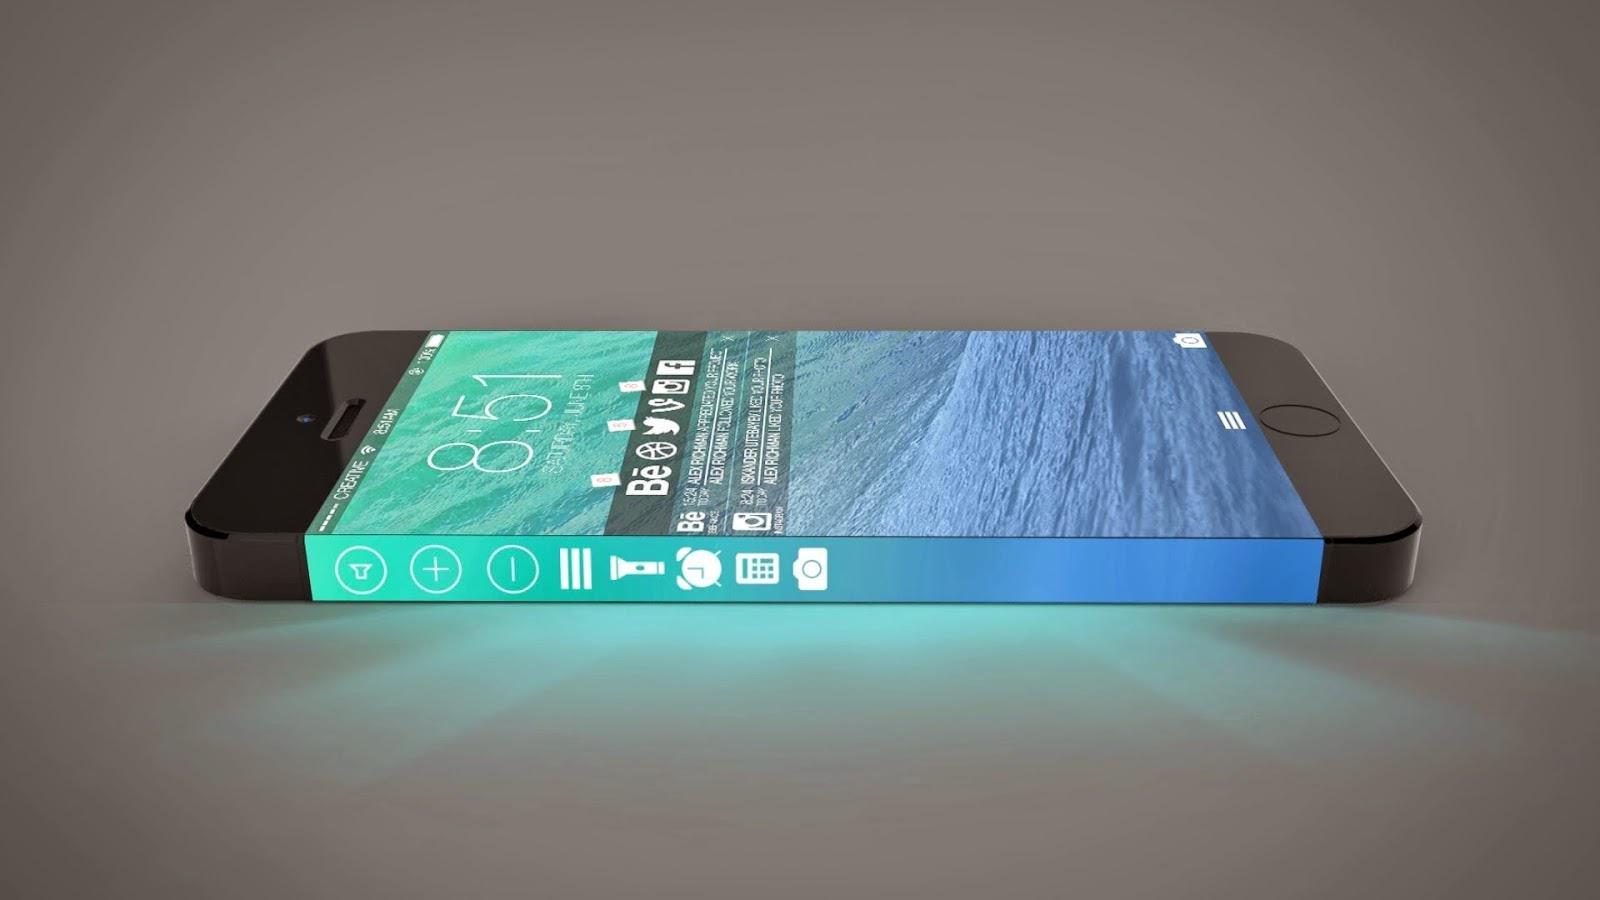 Тайваньская лаборатория Apple займется созданием гибких OLED-дисплеев